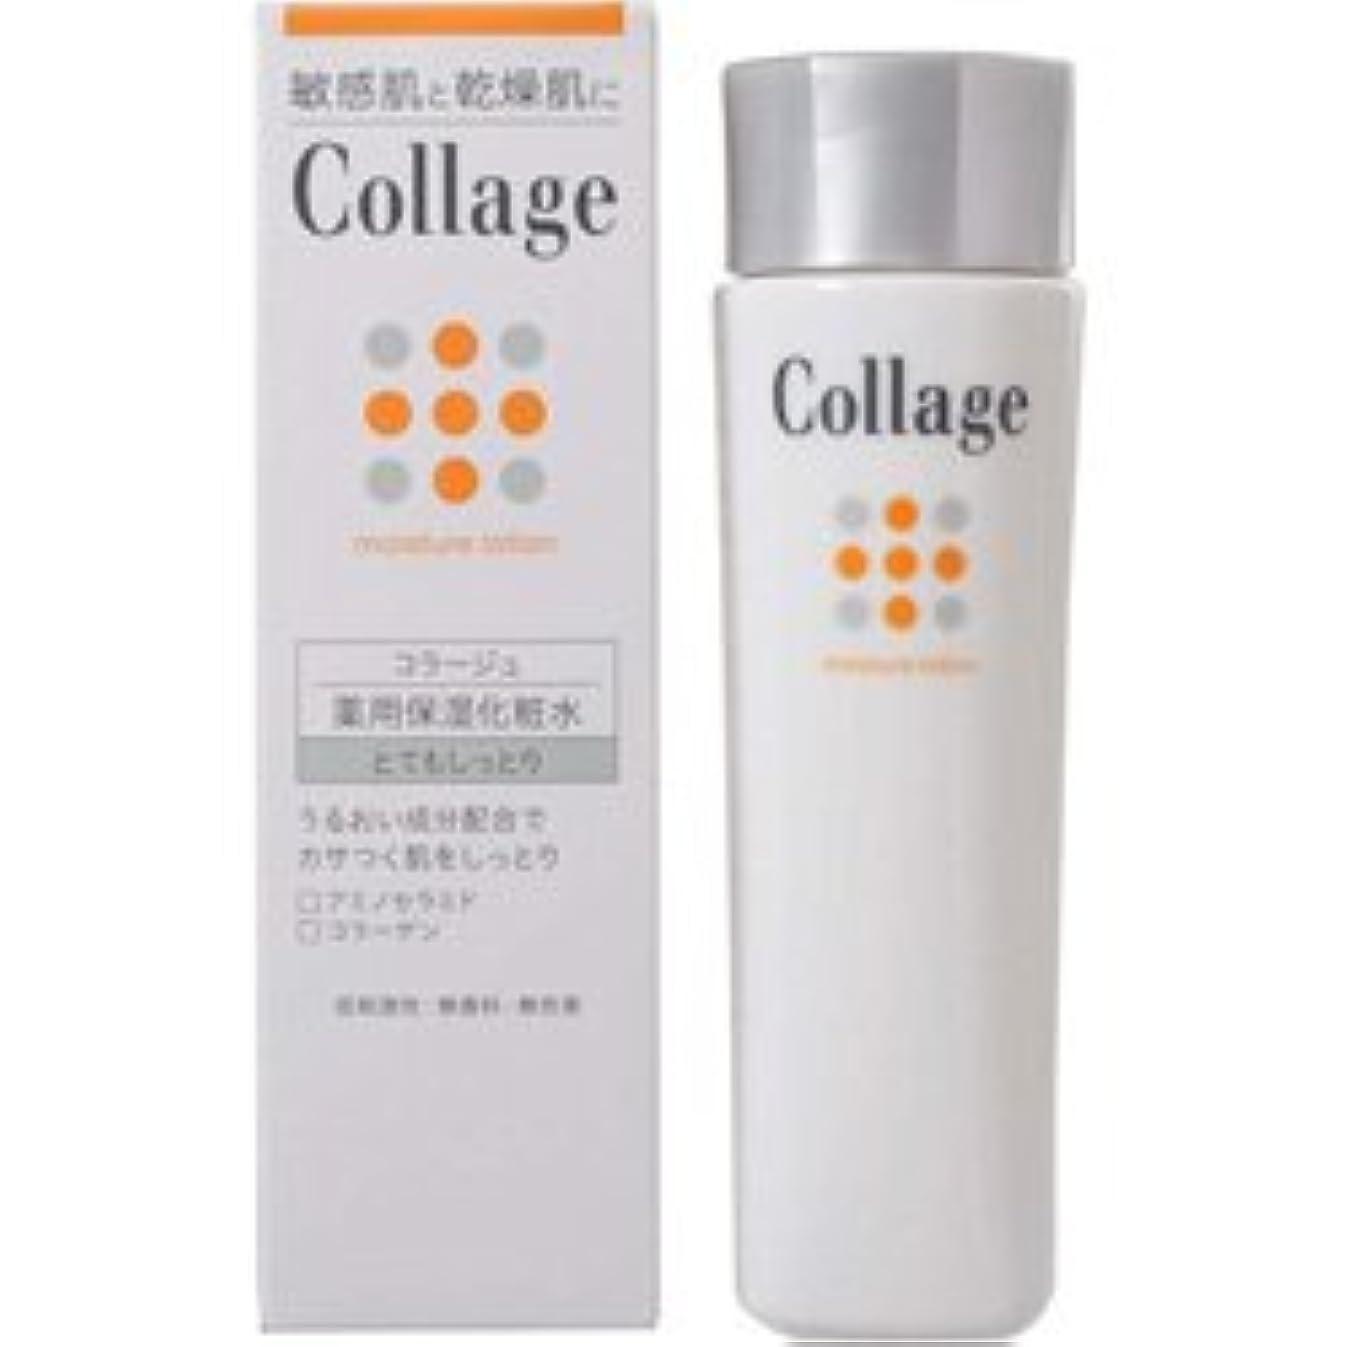 ソファーランドリー実際に【持田ヘルスケア】 コラージュ薬用保湿化粧水 とてもしっとり 120ml (医薬部外品) ×3個セット